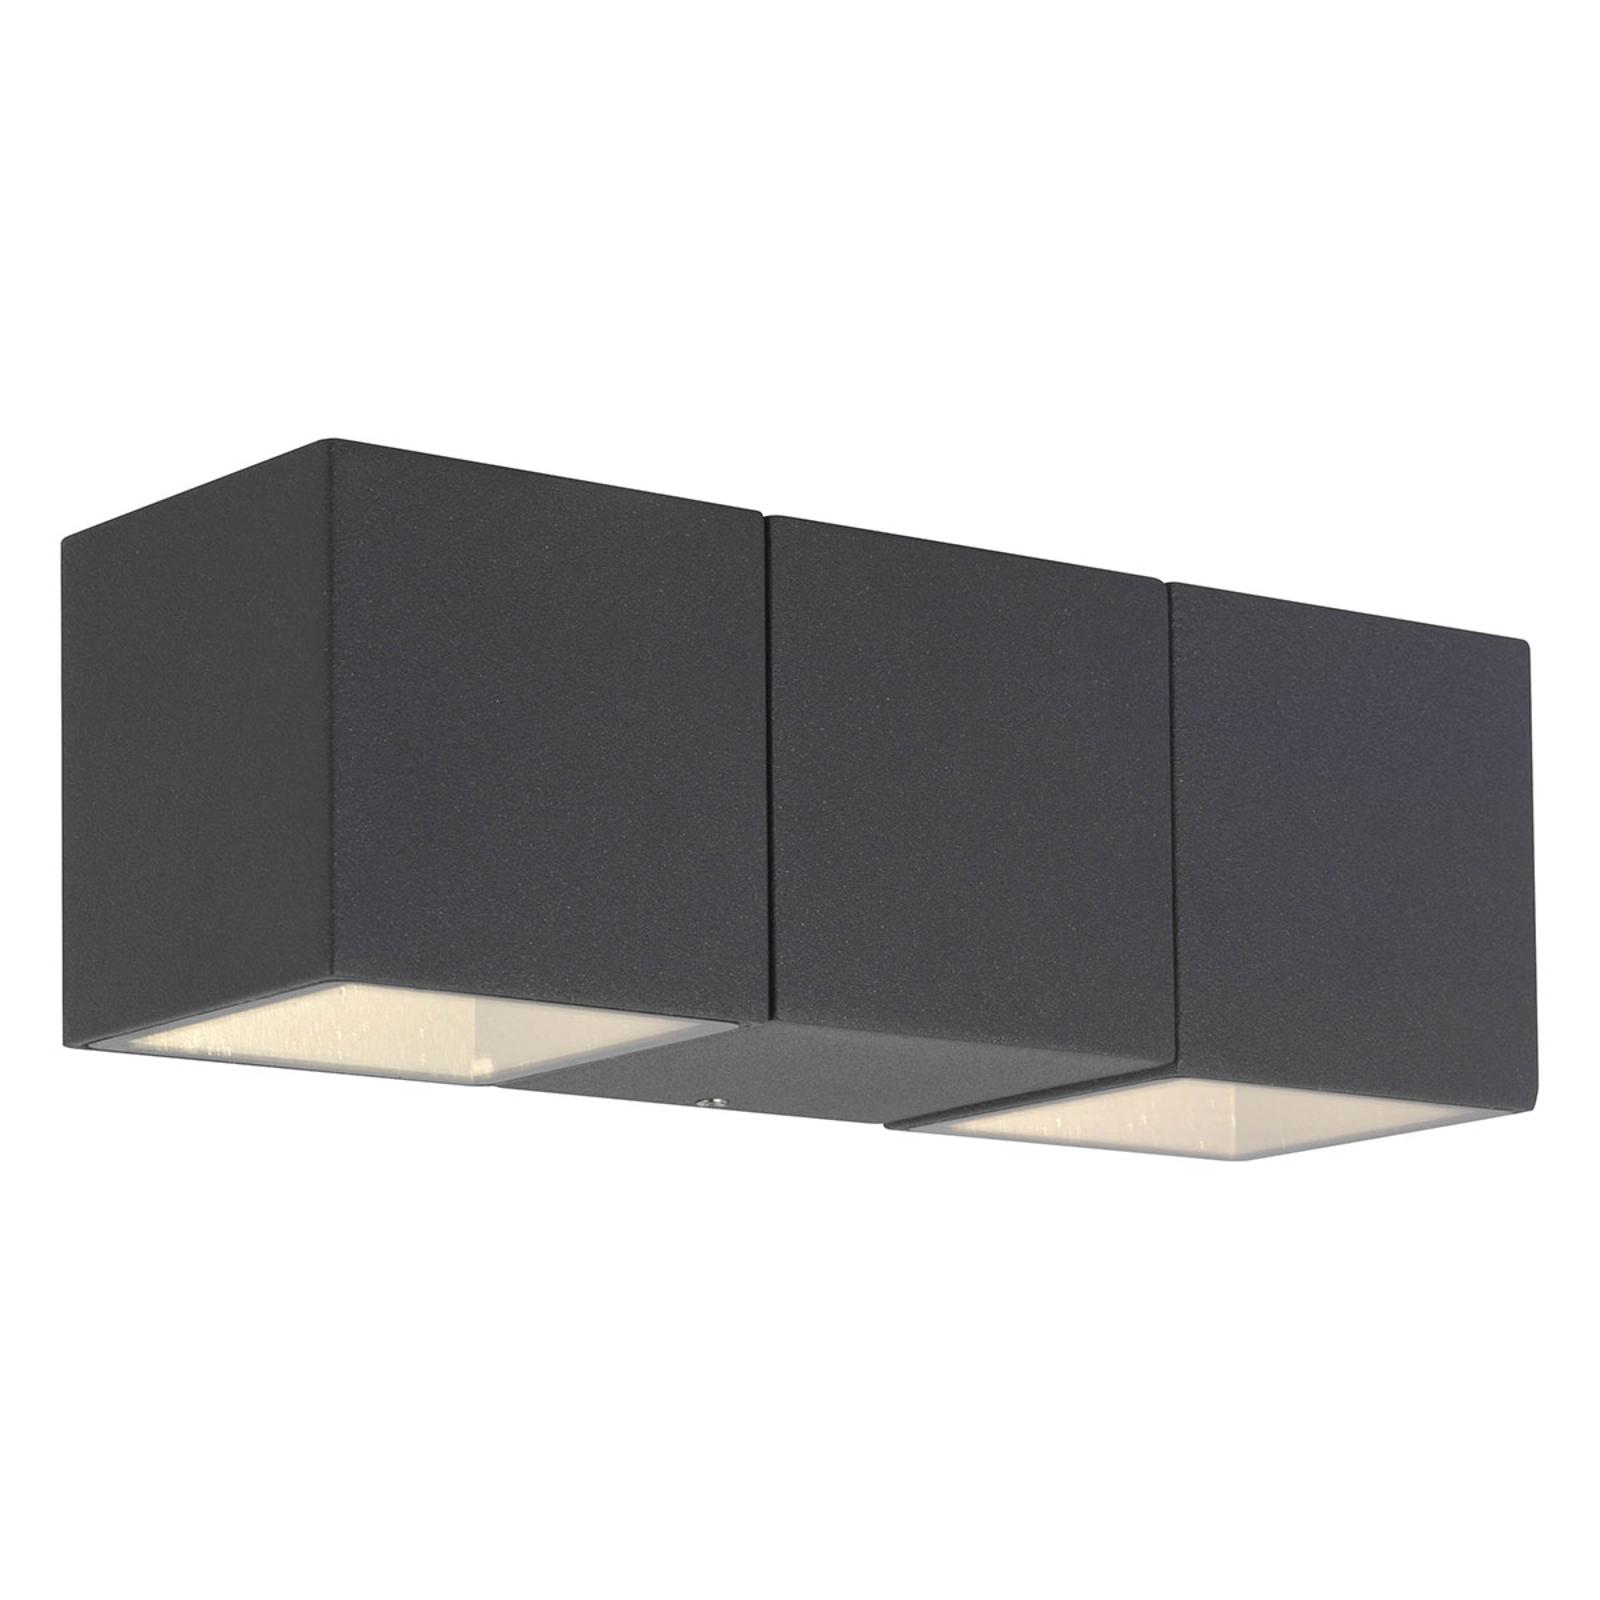 AEG Daveen applique d'extérieur LED à 2 lampes